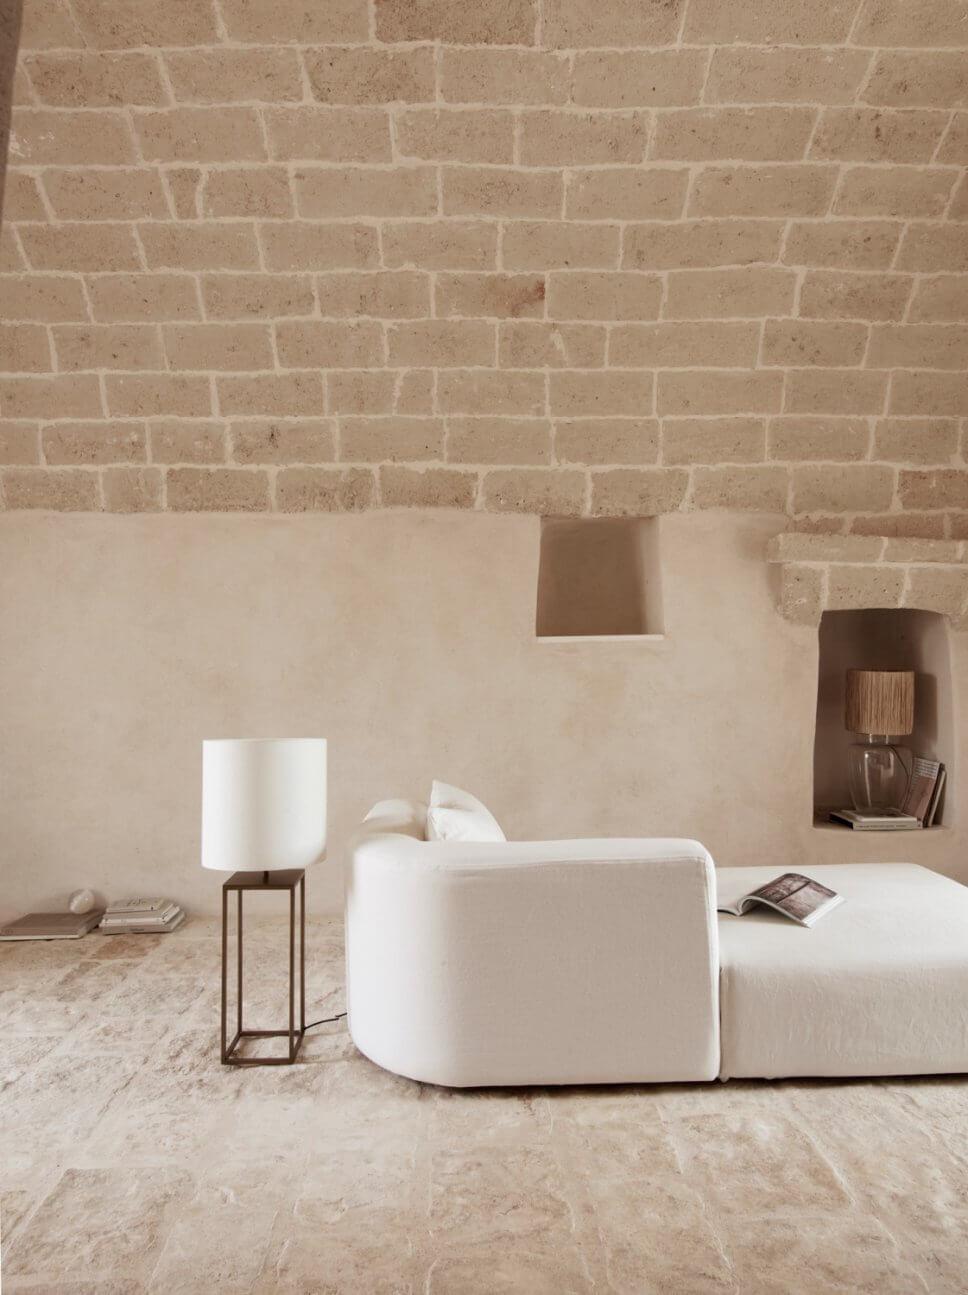 Modernes Wohnzimmer mit weißem Sofa in mediterranem Haus mit steinerner Gewölbedecke